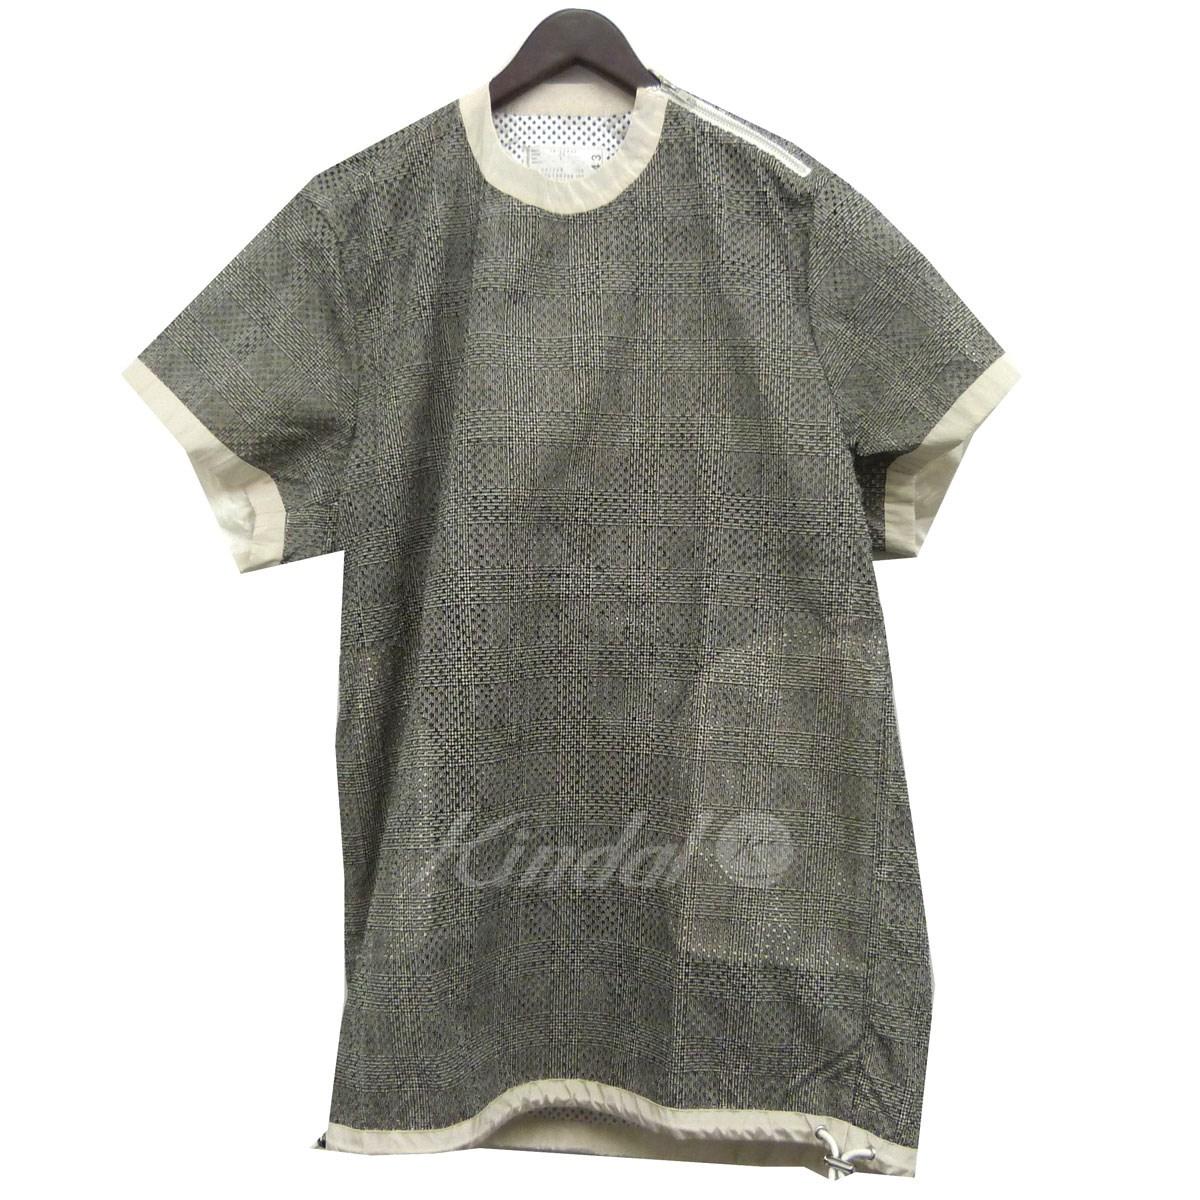 【中古】sacai グレンチェックプルオーバーシャツ グレー×オフホワイト サイズ:2 【送料無料】 【110319】(サカイ)